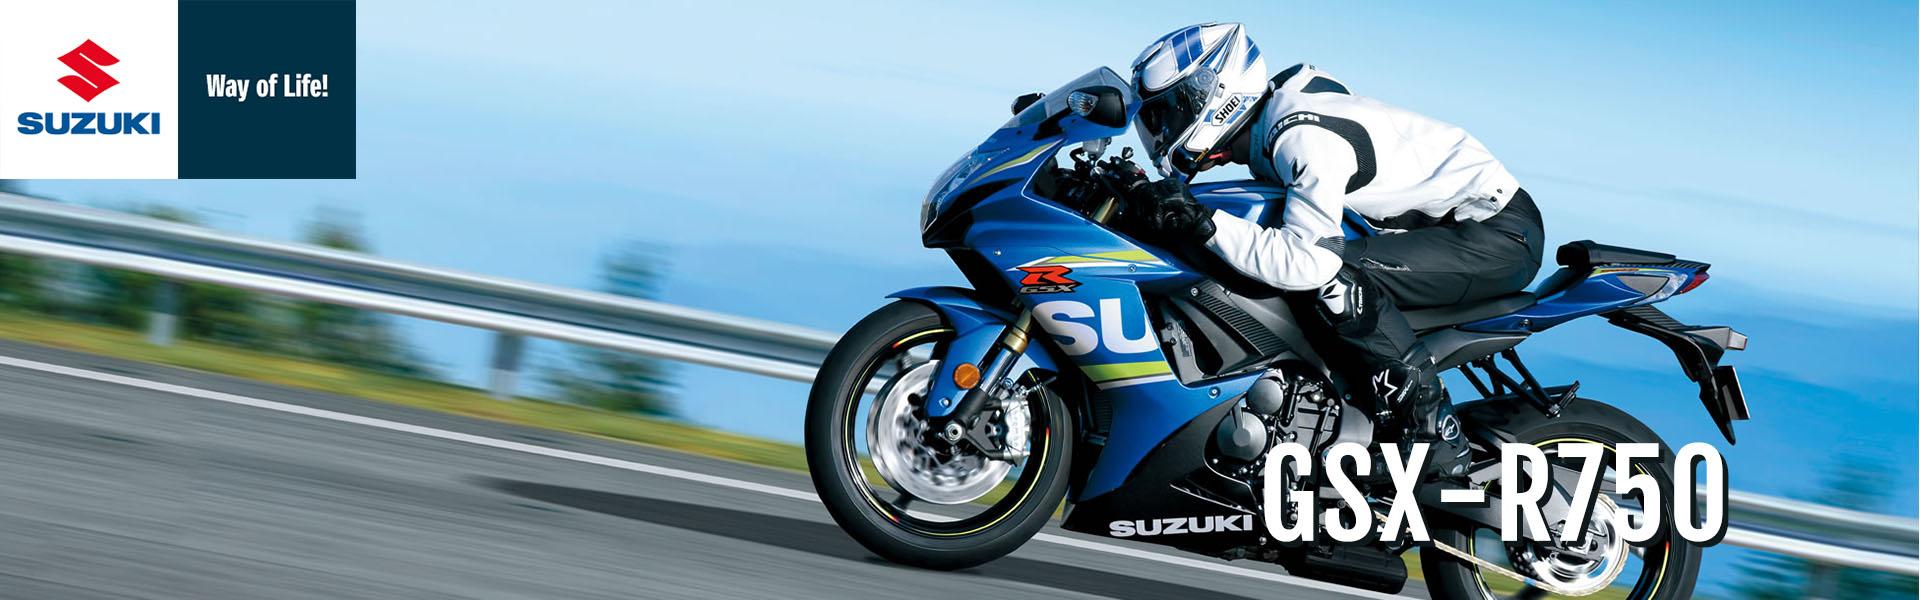 GSX-R750 Suzuki Motorrad